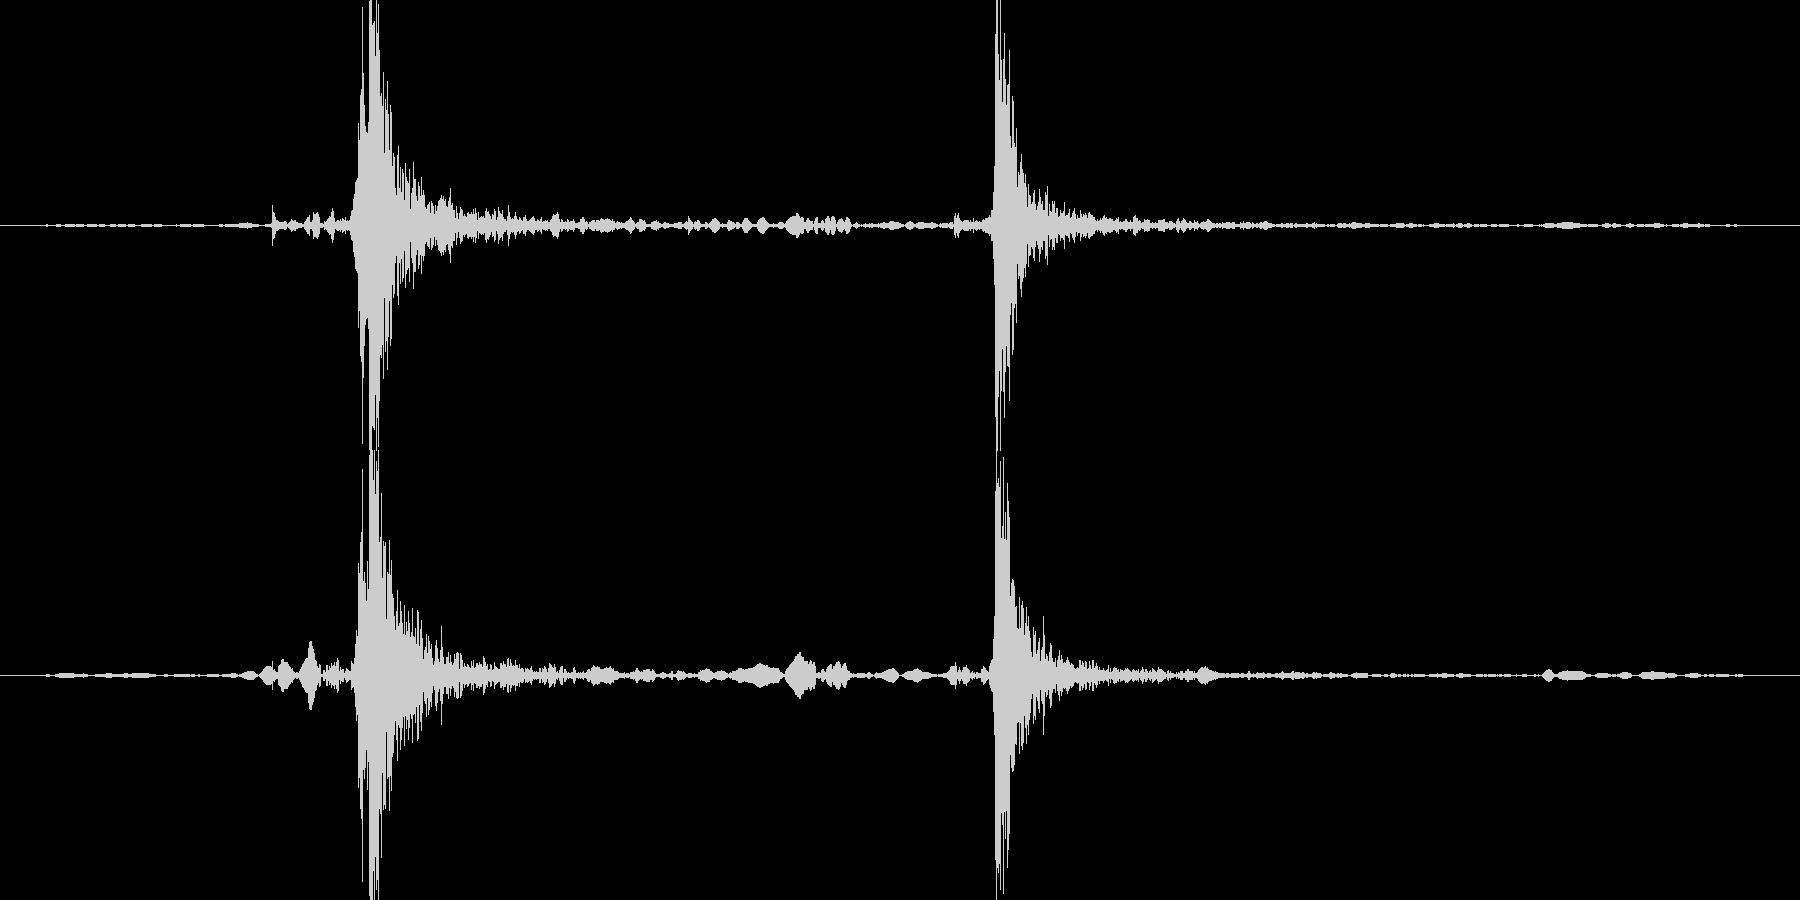 カセットデッキのスイッチをオフにした時の未再生の波形